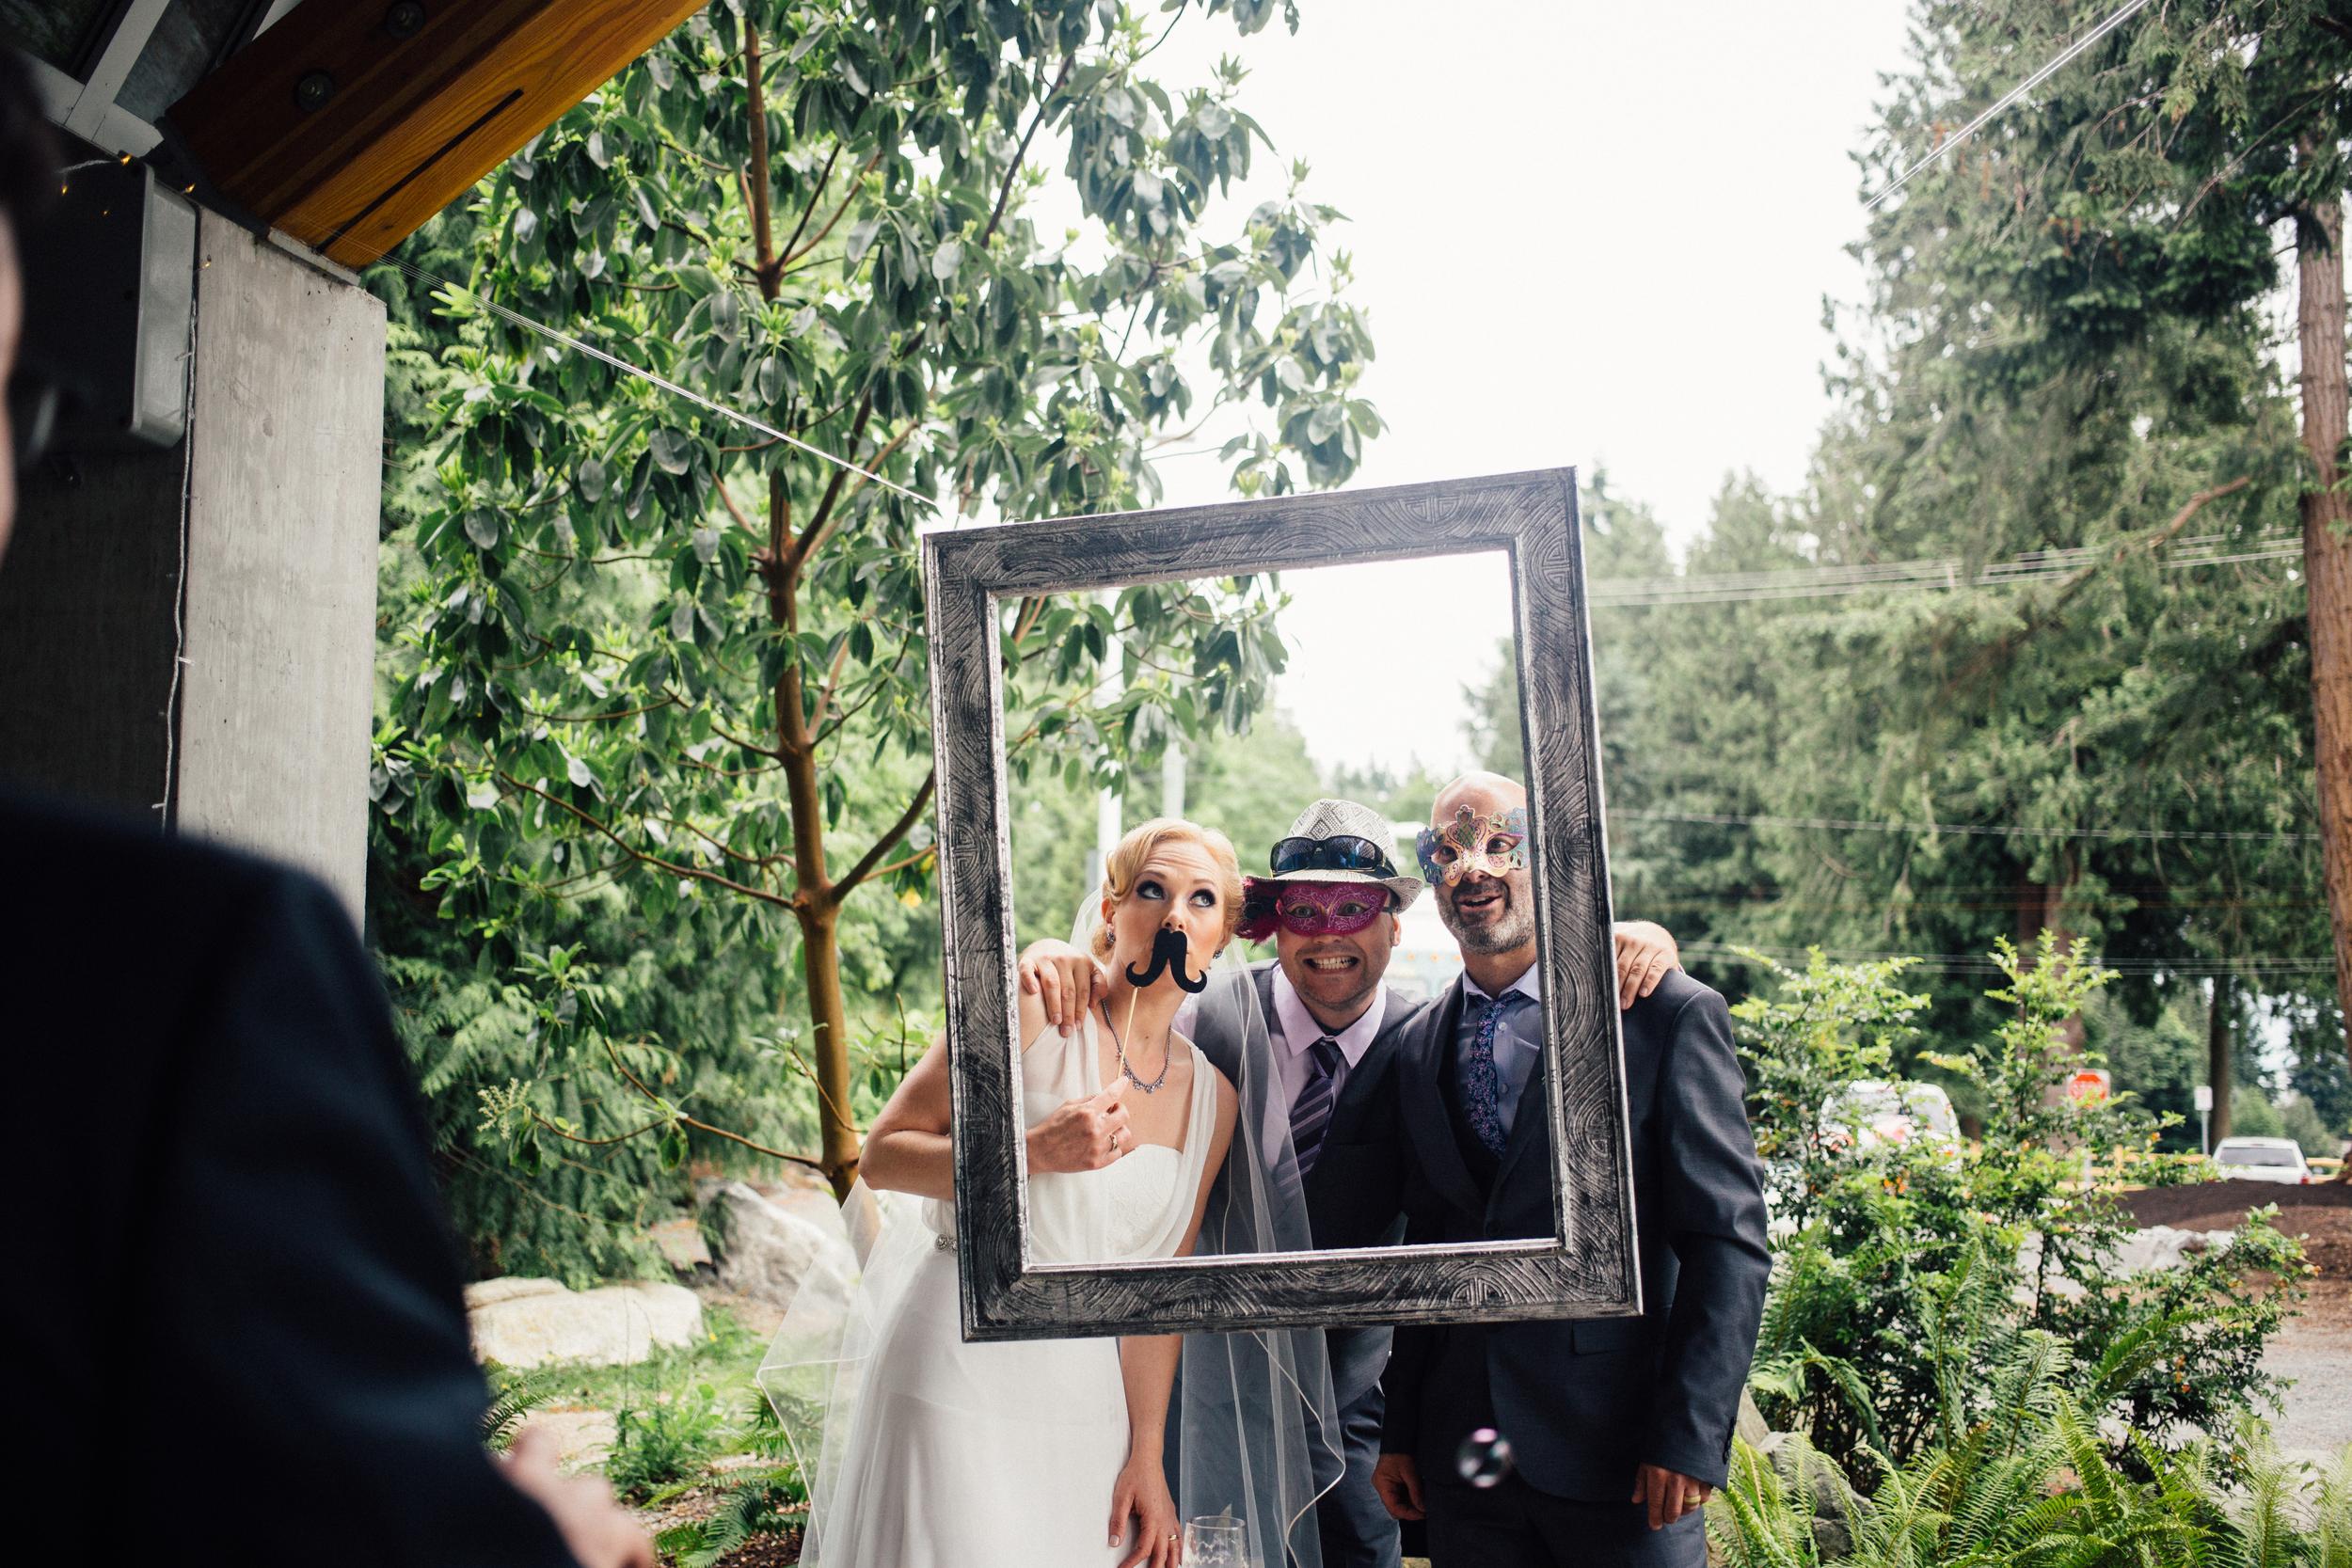 dogwoodphotography_photographer_vancouver_wedding_kimberley (174 of 180).jpg